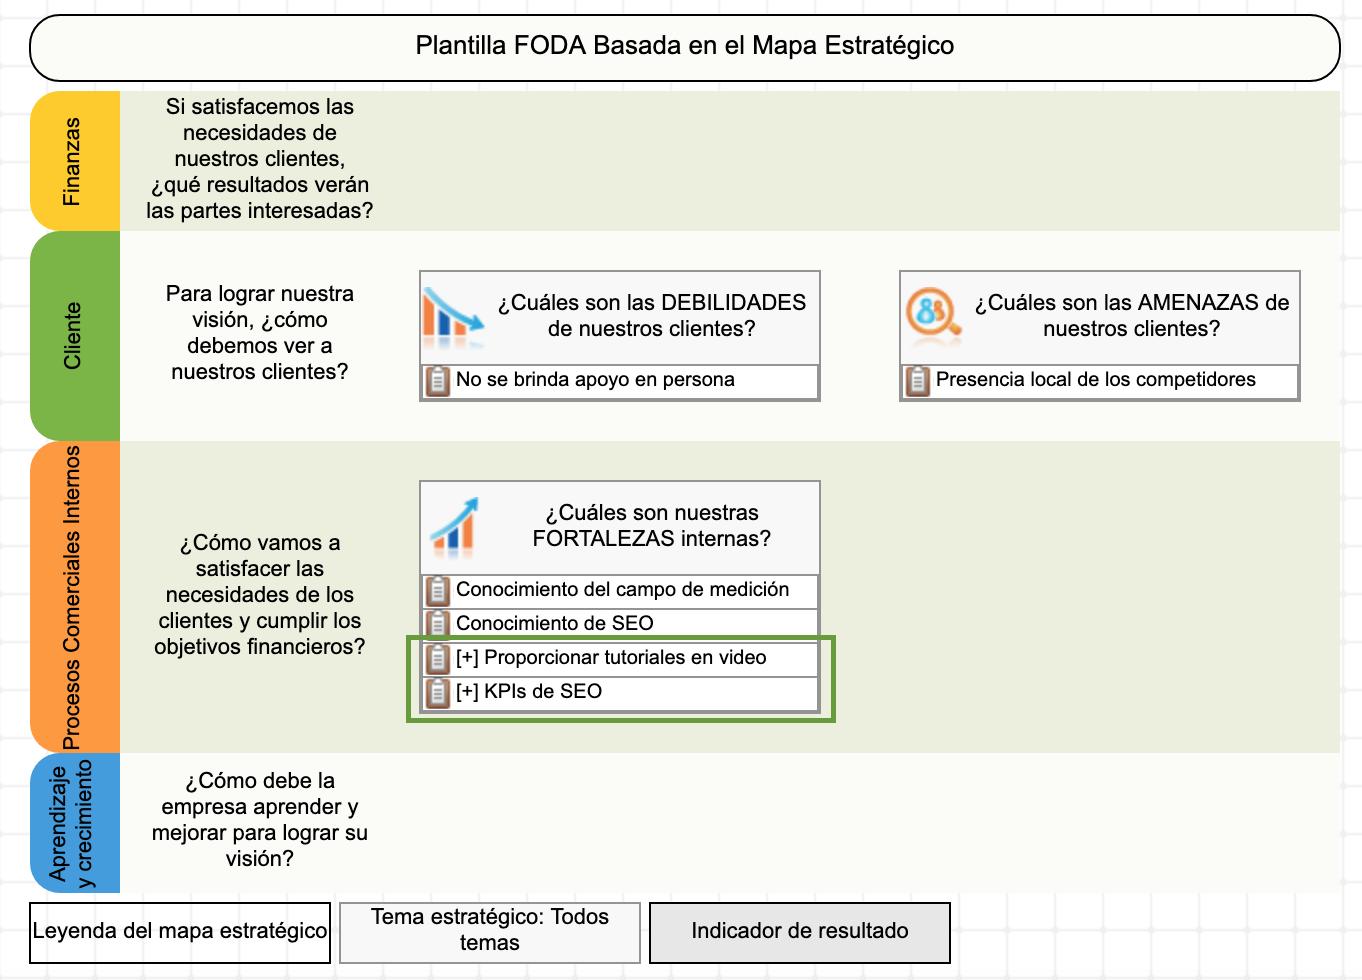 Uso de la plantilla FODA+E - paso 2